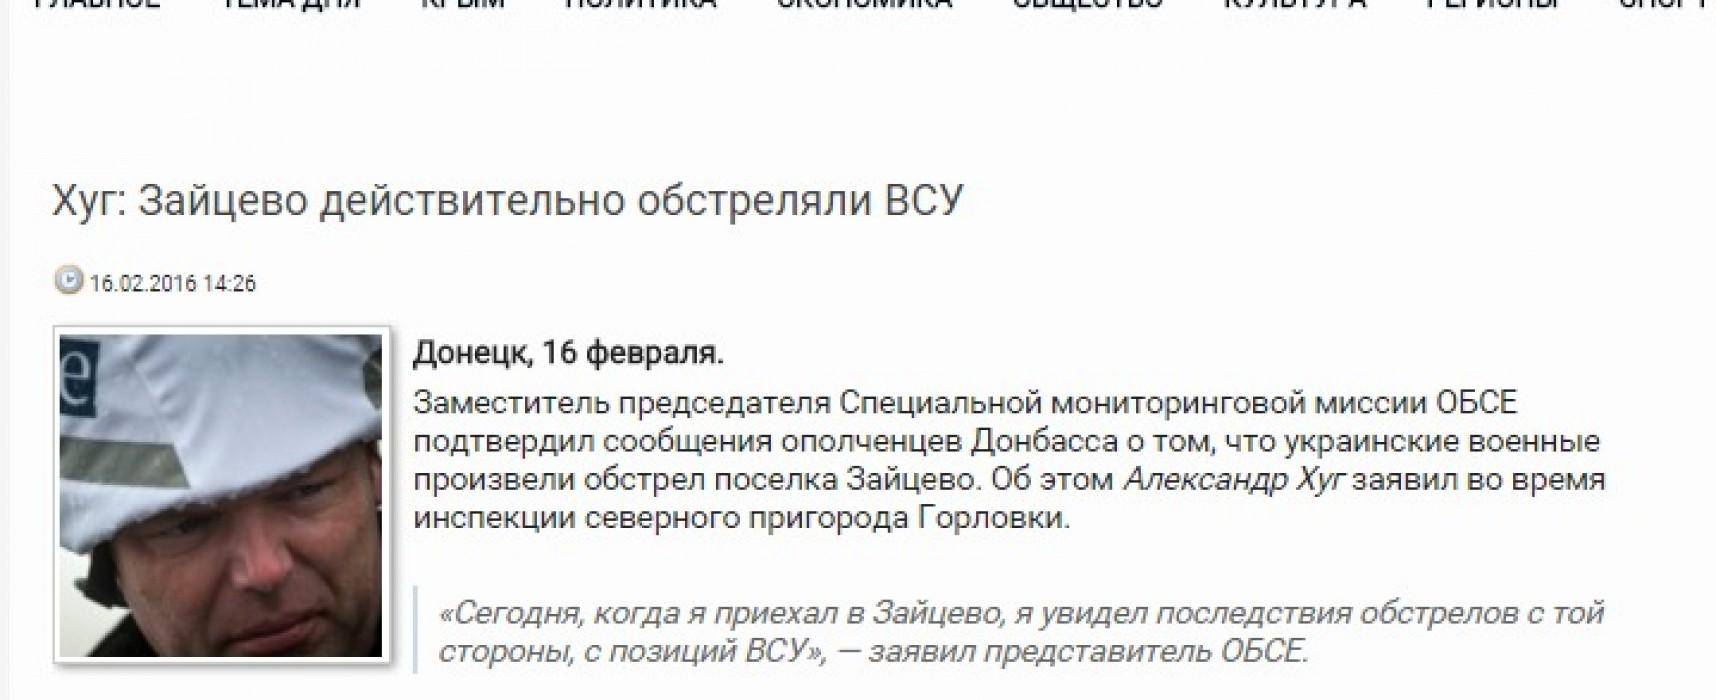 Фейк: в ОБСЕ заявили о нарушениях перемирия Украиной